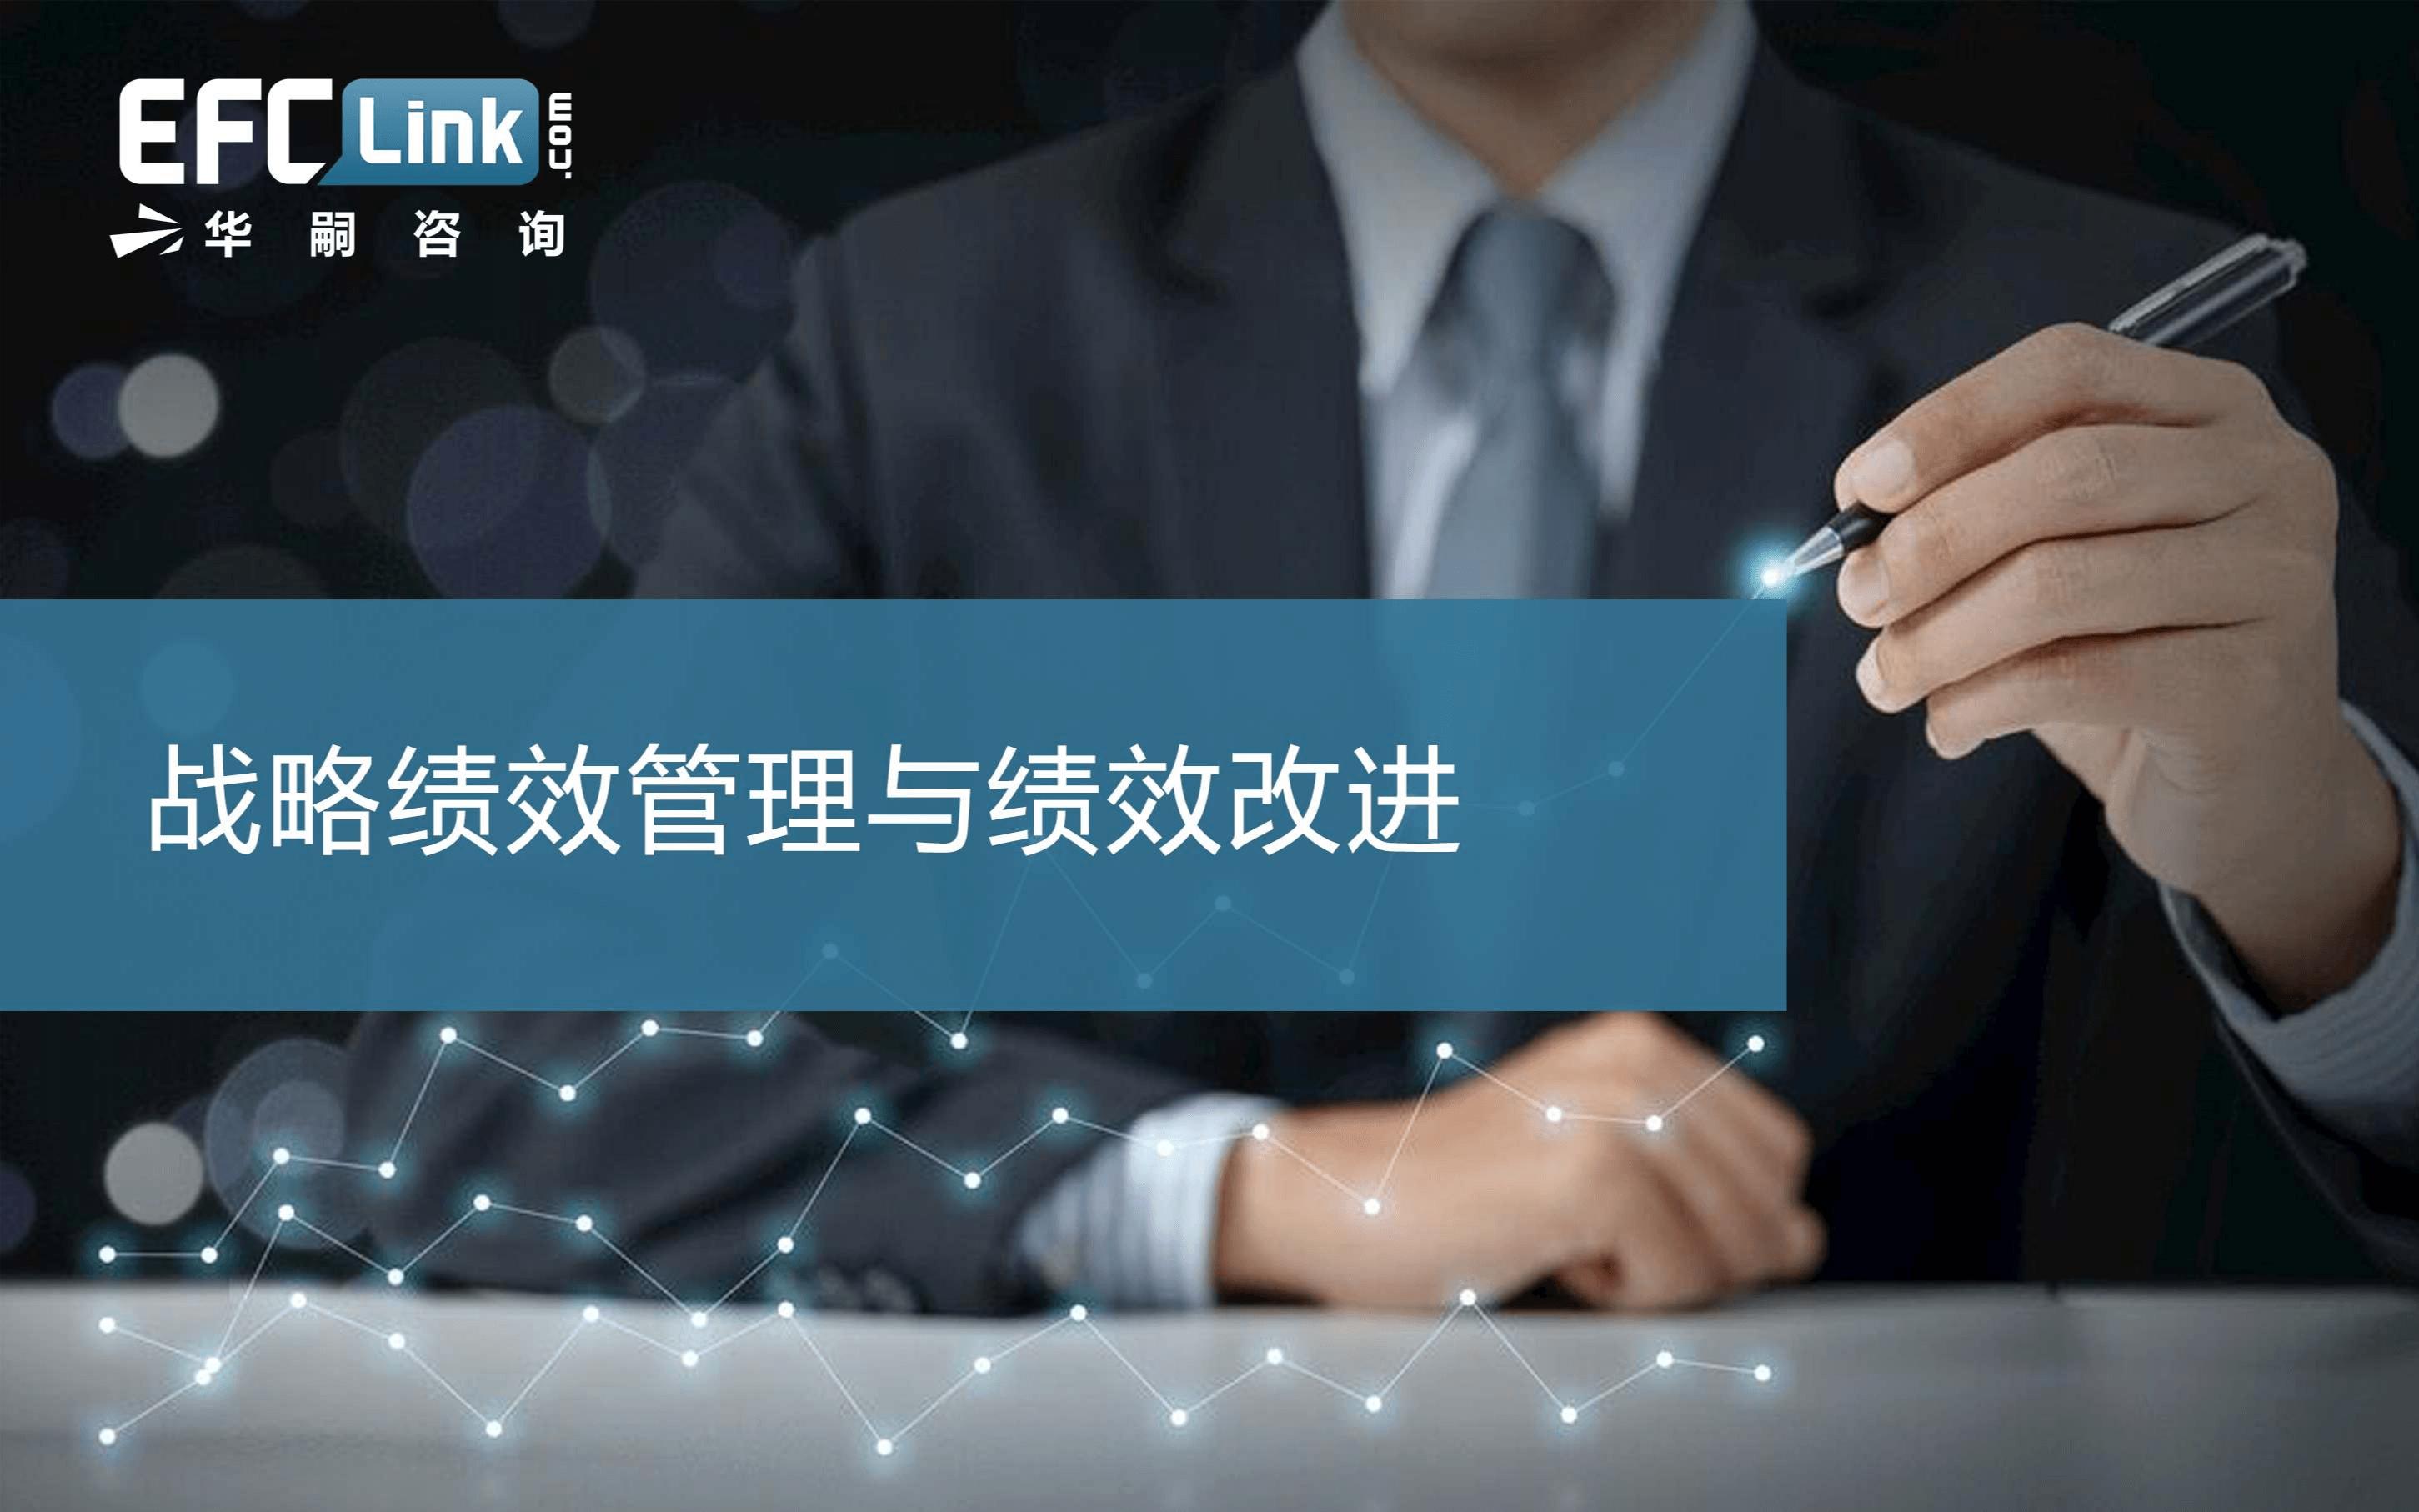 2020战略绩效管理与绩效改进2020(深圳-7月24日)